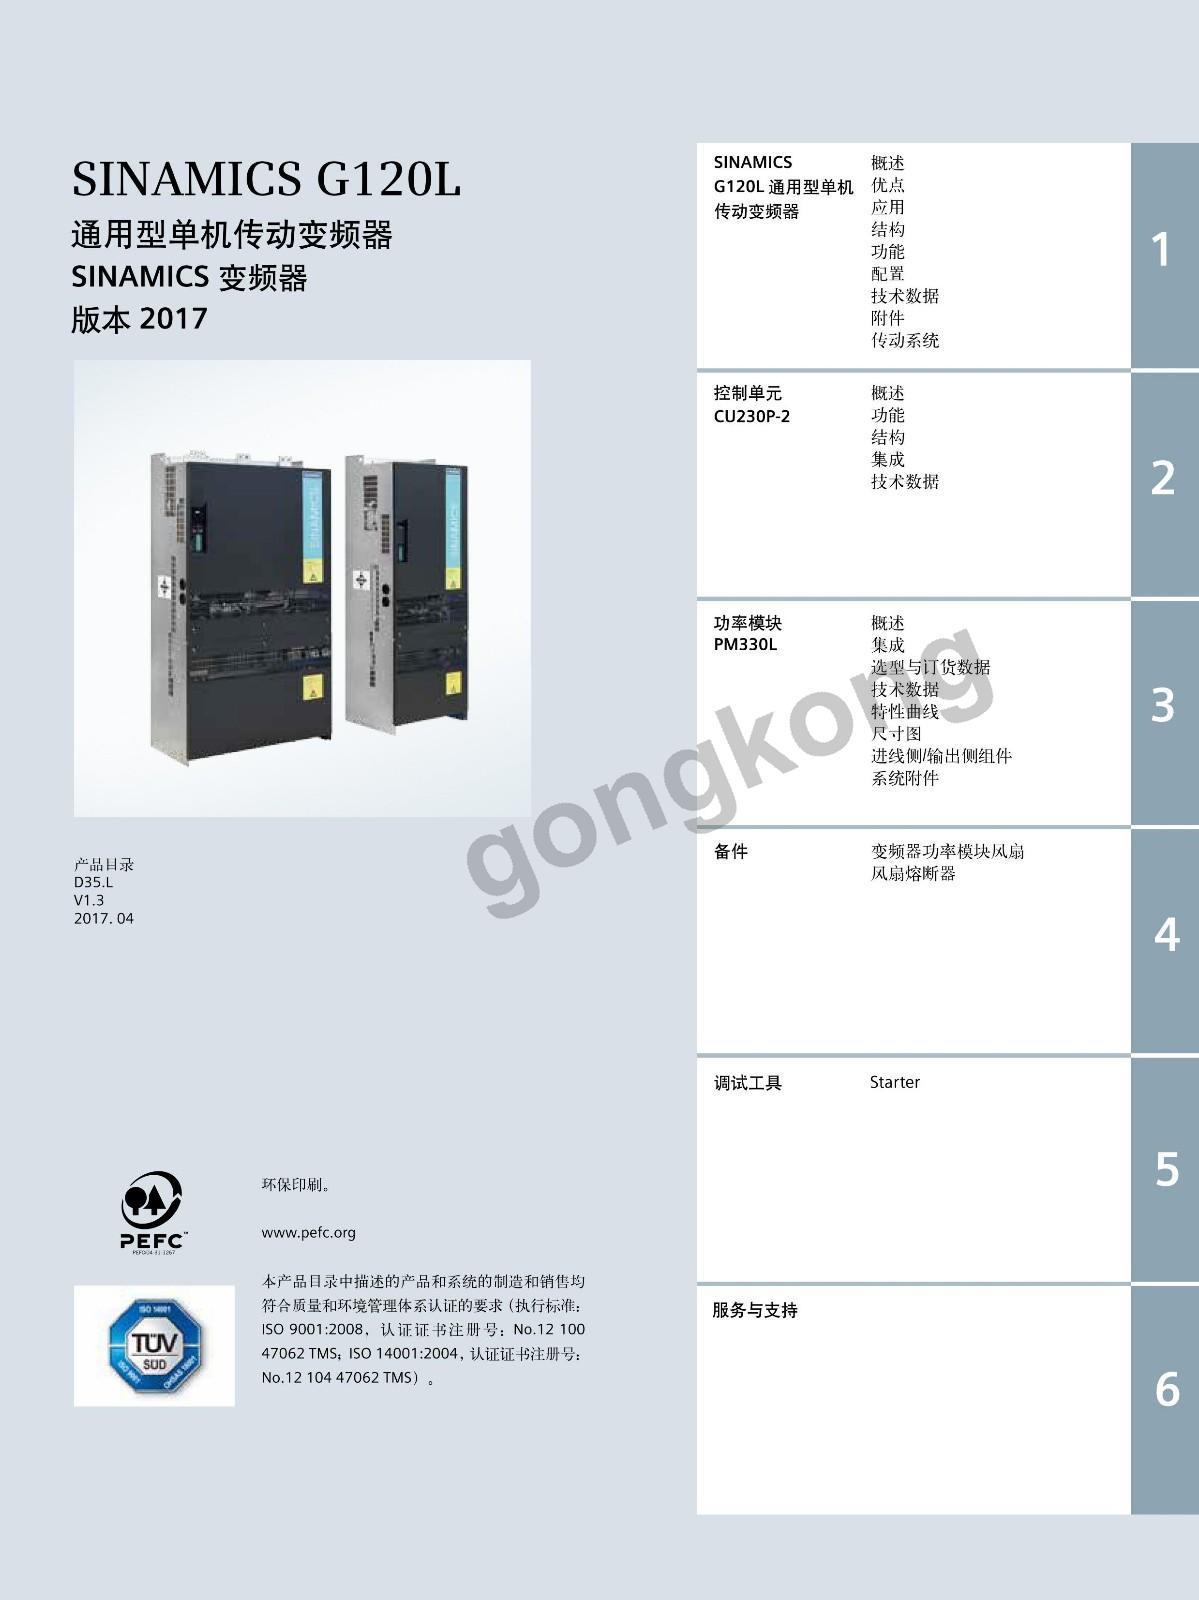 西门子sinamics g120l通用型单机传动变频器 样本